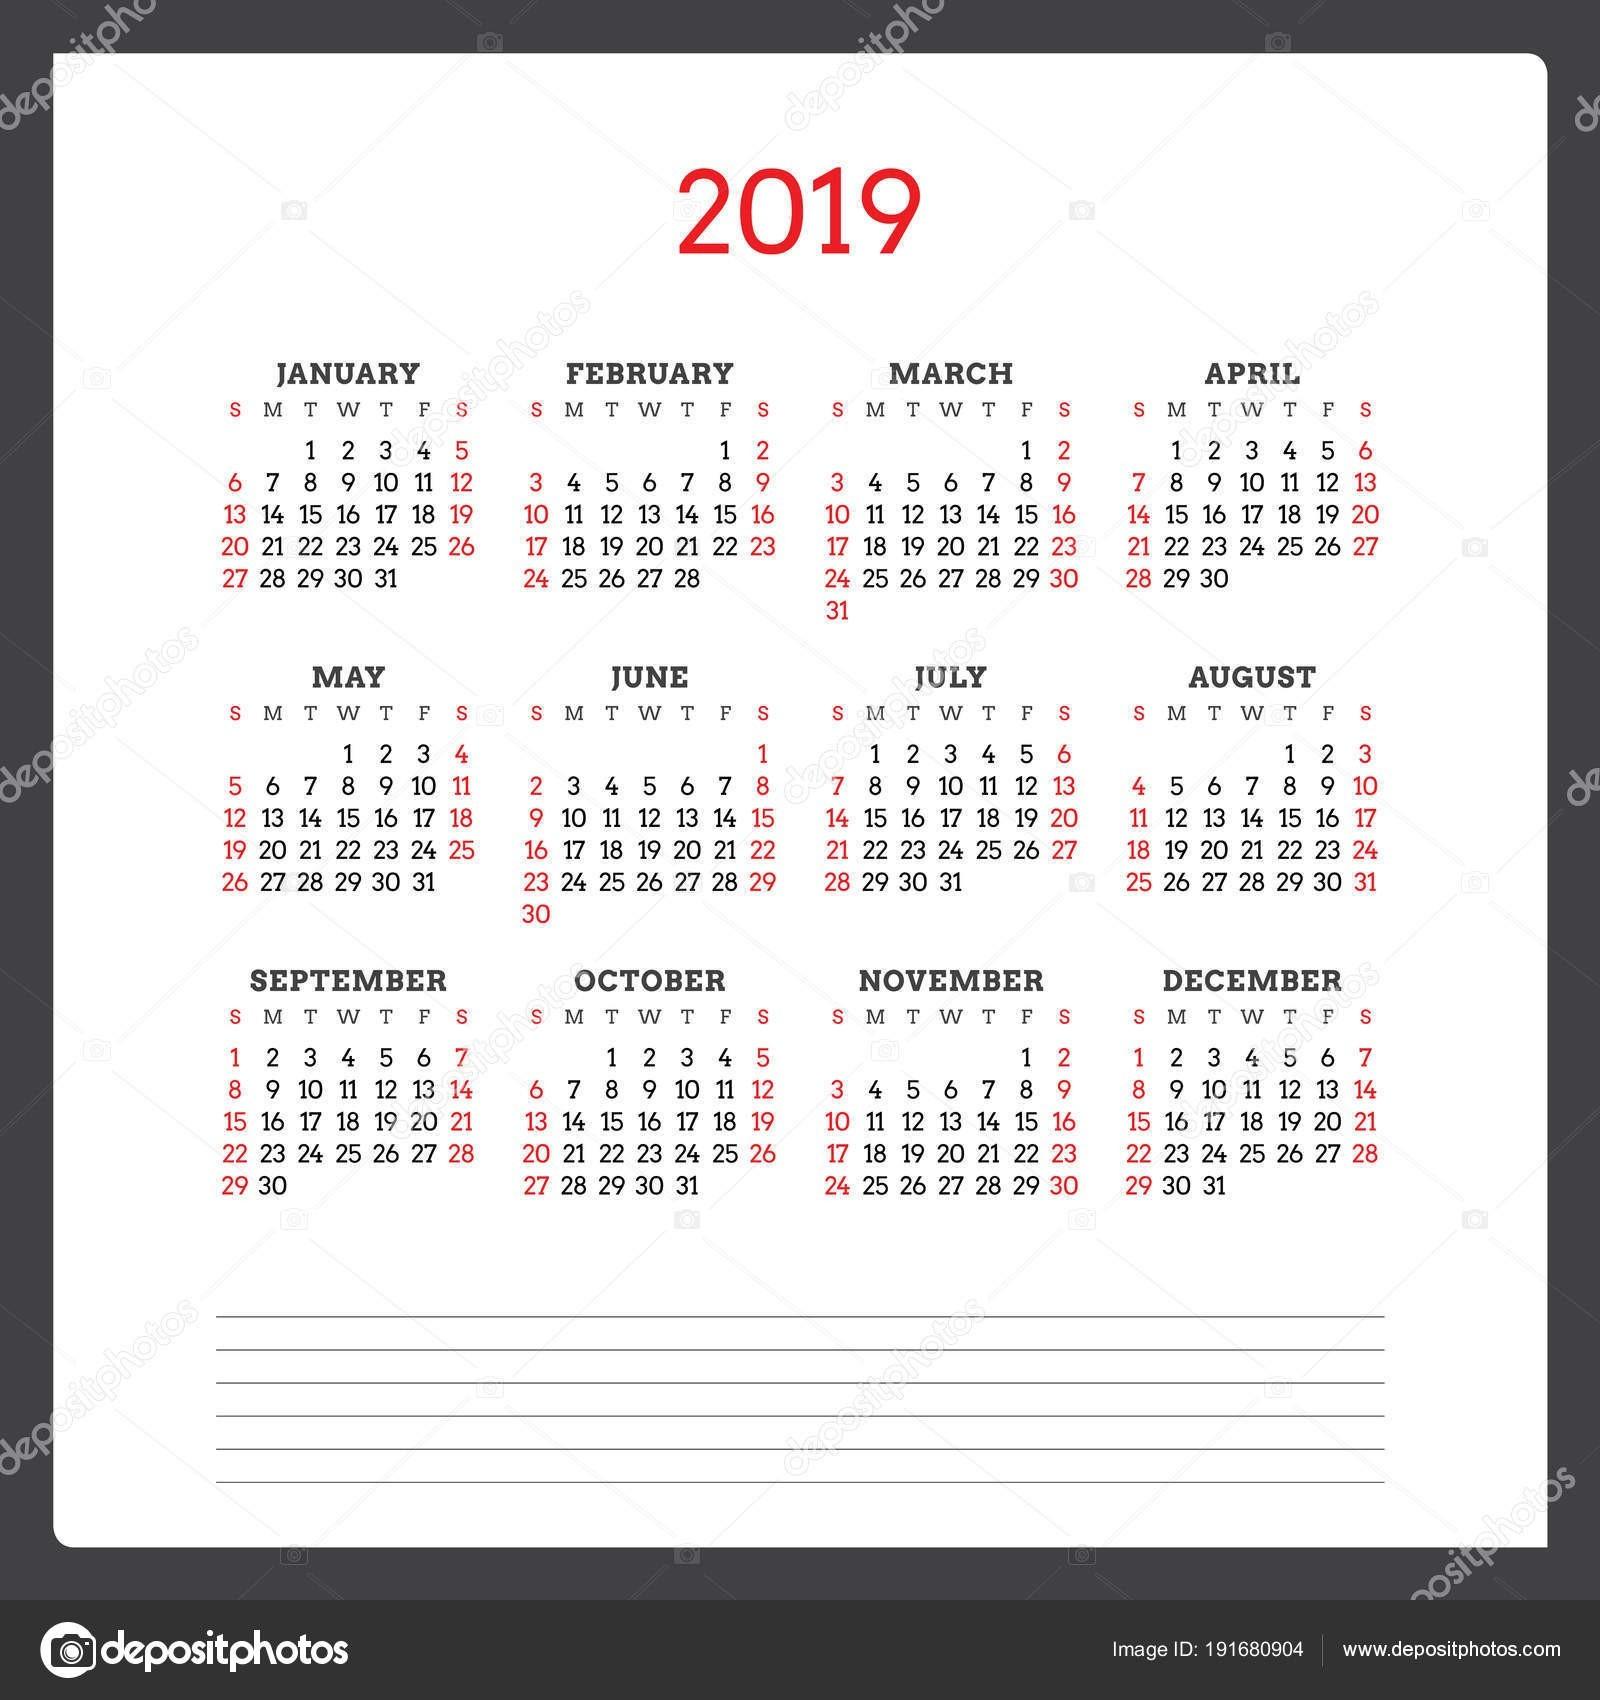 Calendario 2019 Con Feriados Bancarios Más Recientes Noticias Calendario 2019 Para Imprimir Con Feriados Mexico Of Calendario 2019 Con Feriados Bancarios Más Recientes Edici³n Impresa 17 10 2016 Pages 1 48 Text Version